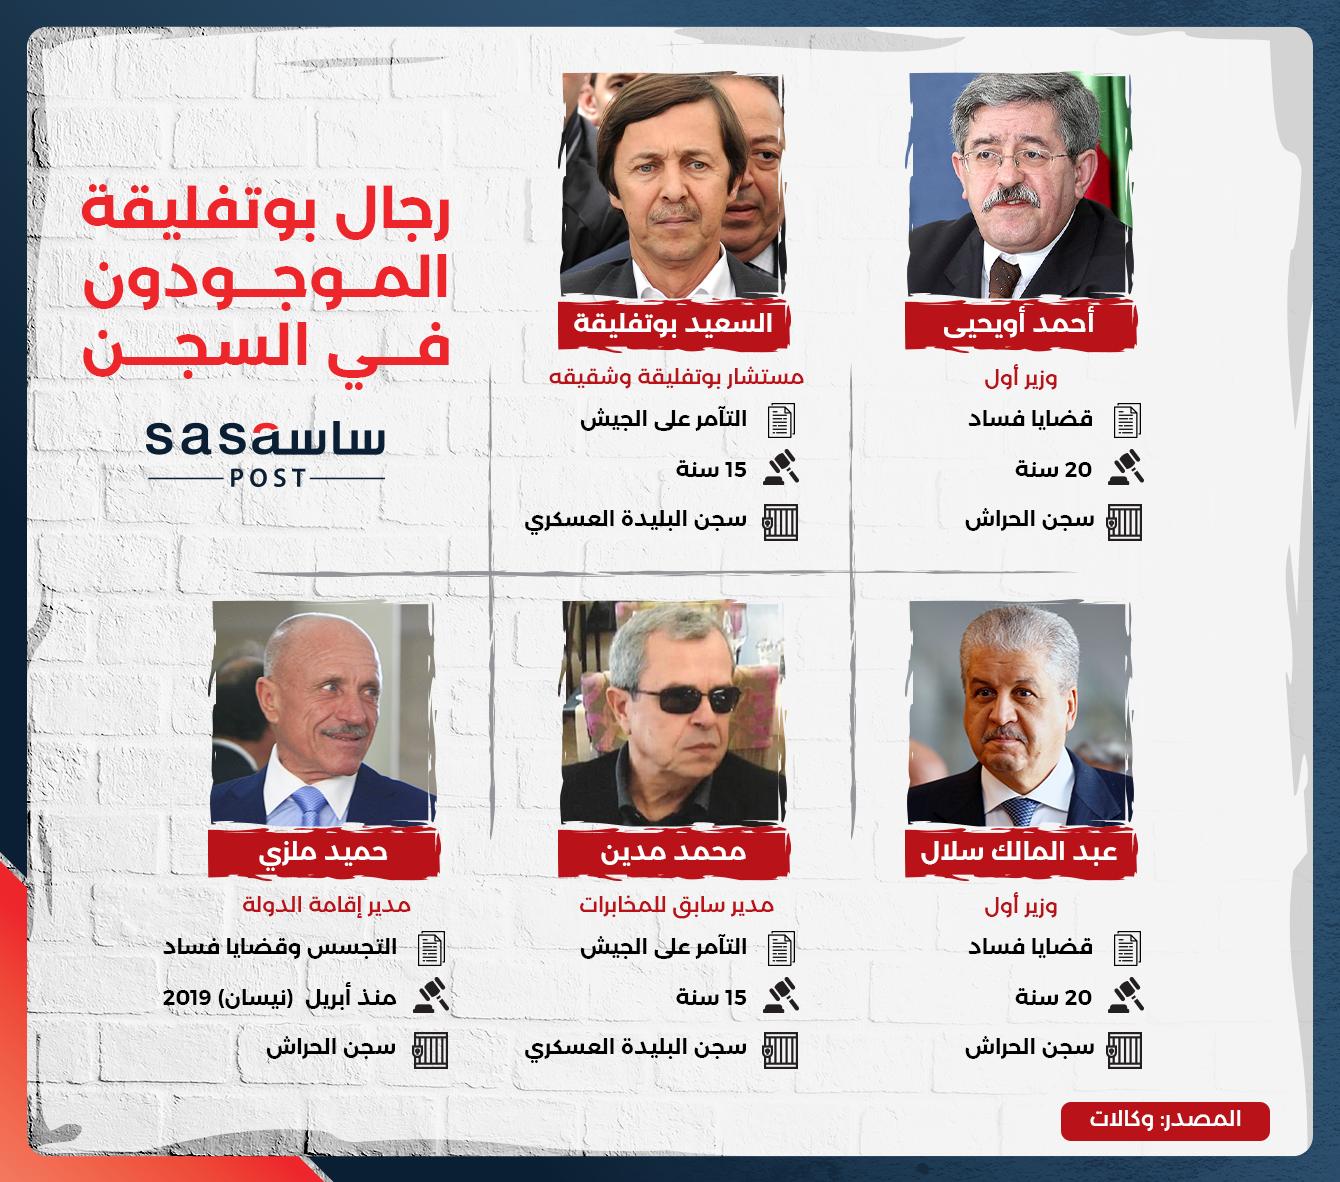 """إضراب عام"""" و""""رحيل النظام"""".. بدء العد التنازلي للإطاحة بالرئيس الجزائري"""